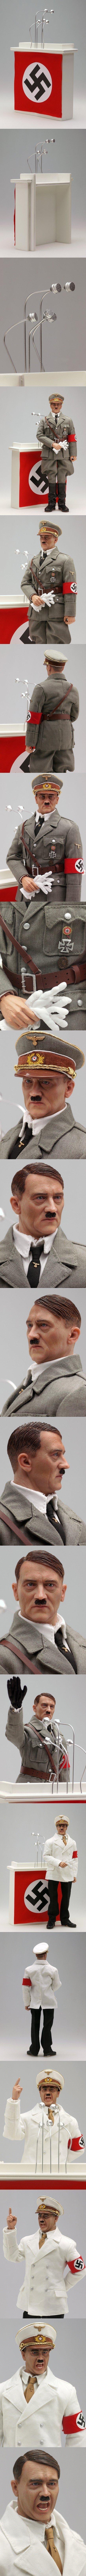 1882623a03f3b9.jpg 아돌프 히틀러 피규어.jpg